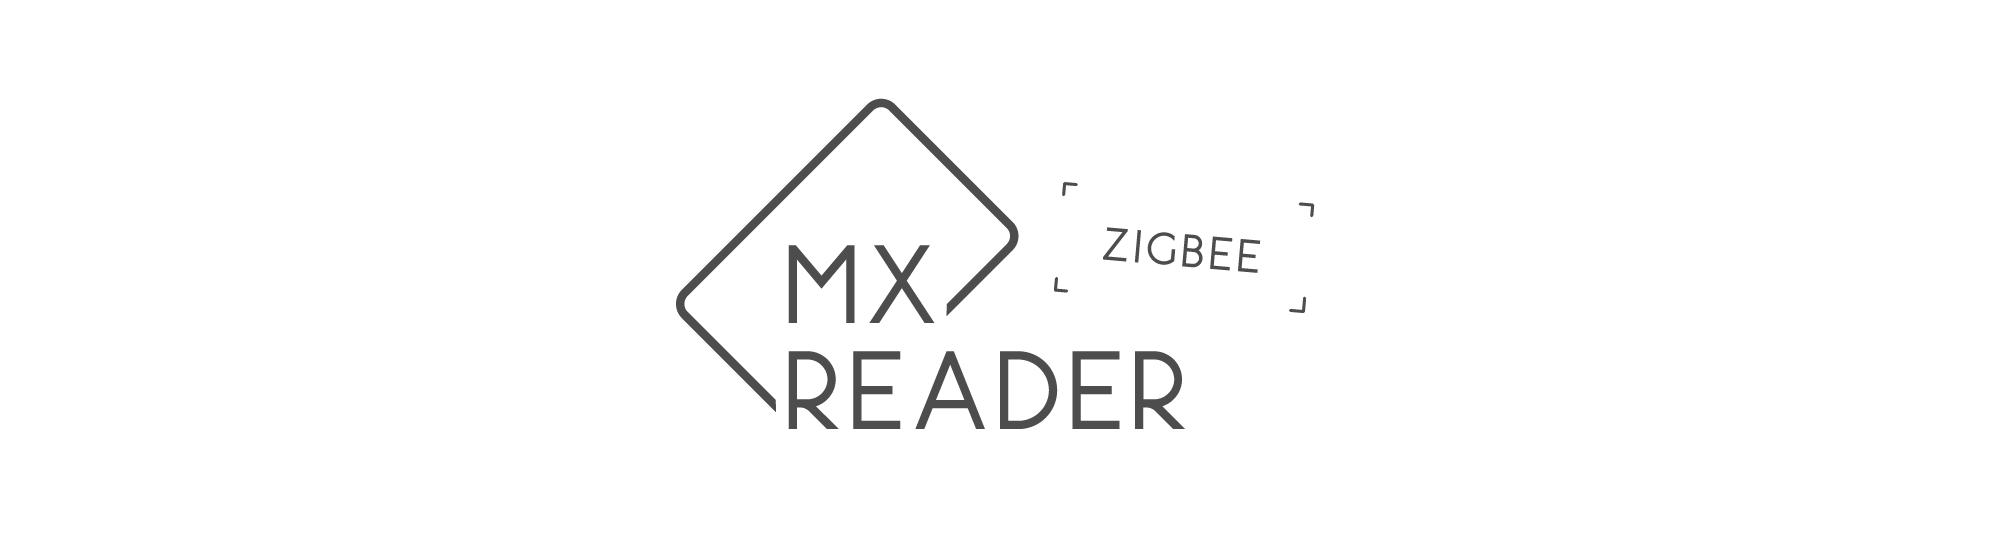 MXreader Zigbee